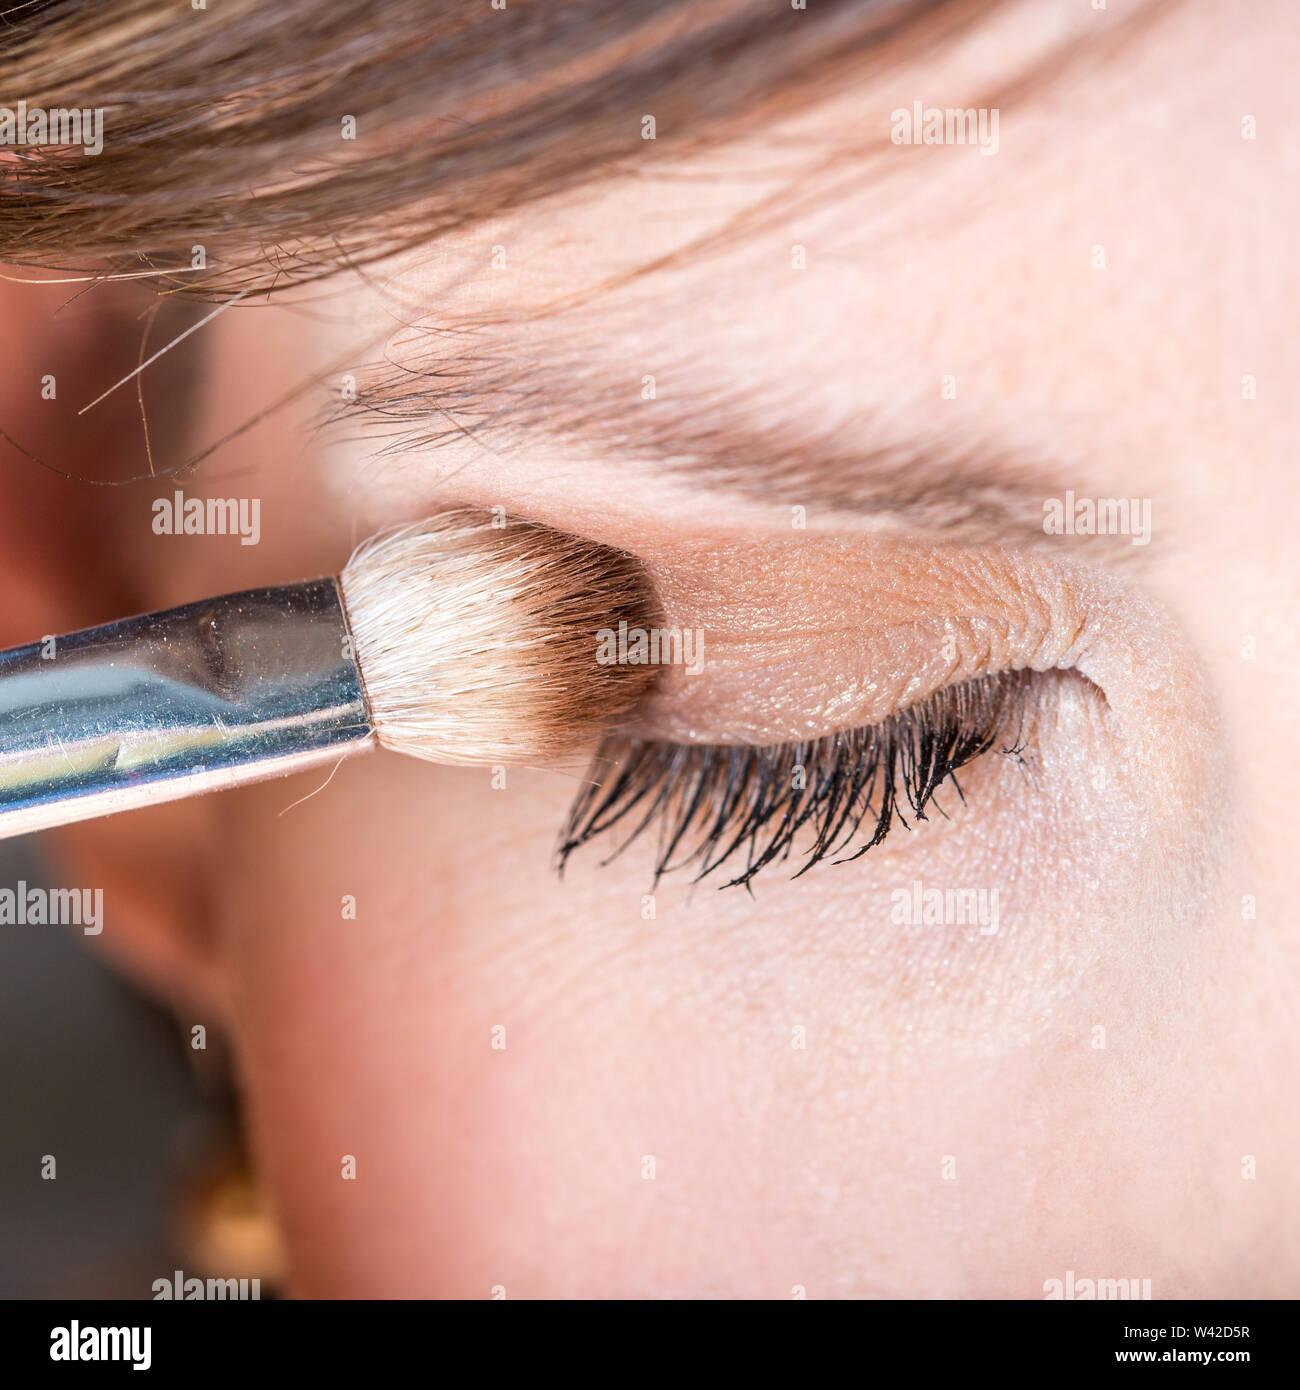 Concept de mode et de beauté d'une femme l'application de fard à paupière son avec un applicateur, closeup détail d'un oeil. Photo Stock